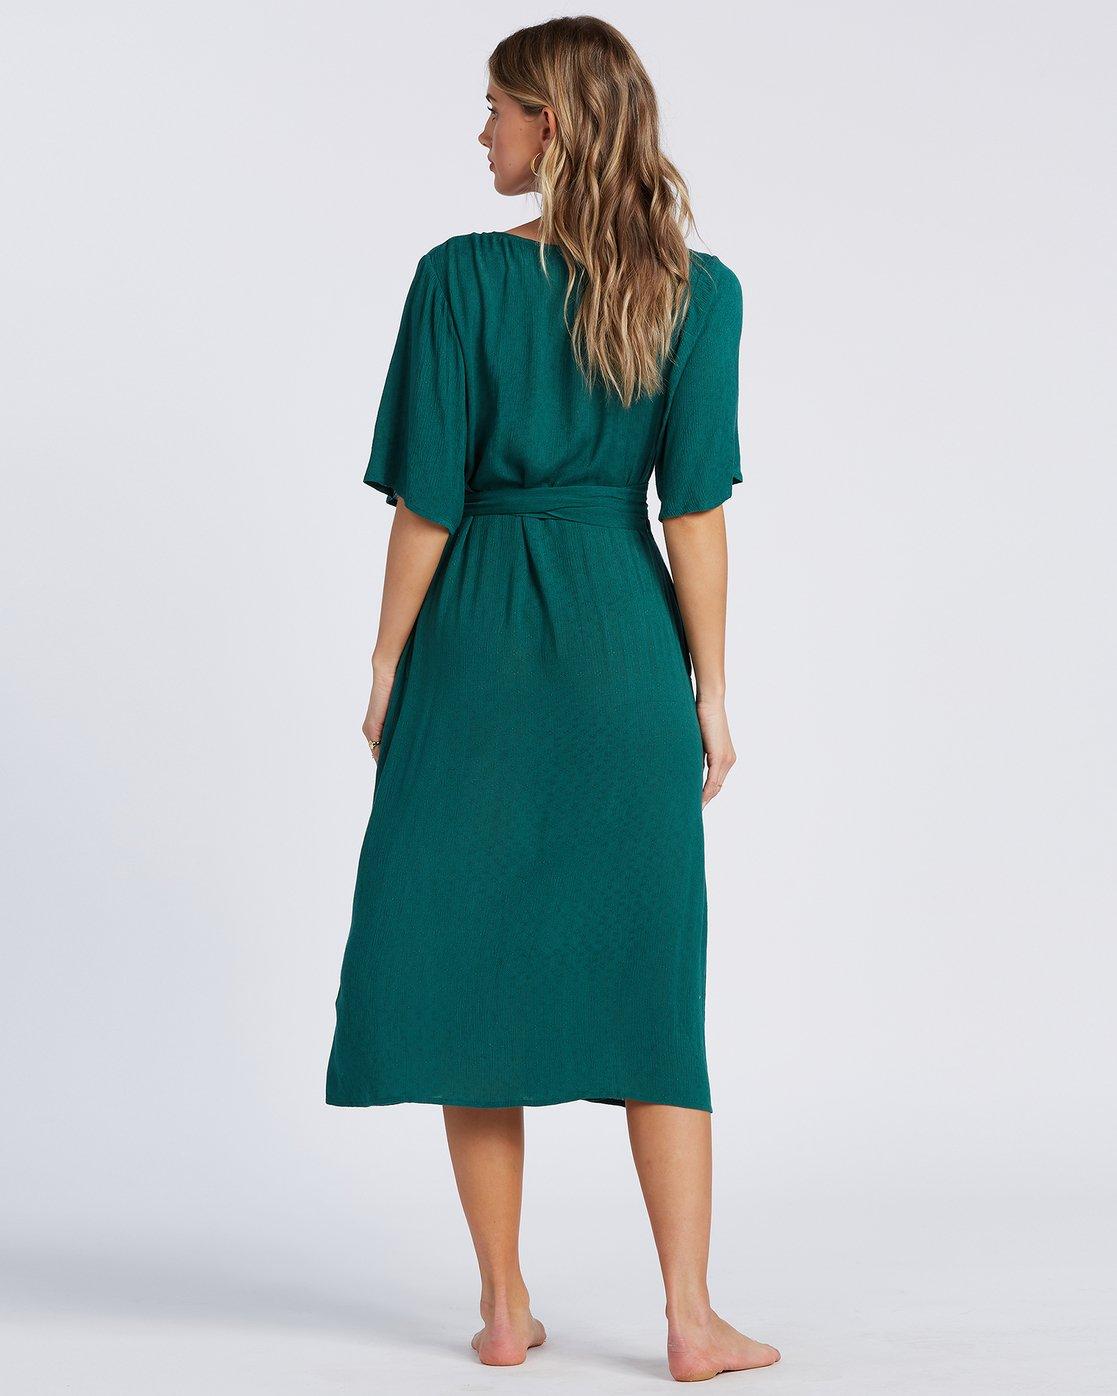 Shorebreak Dress